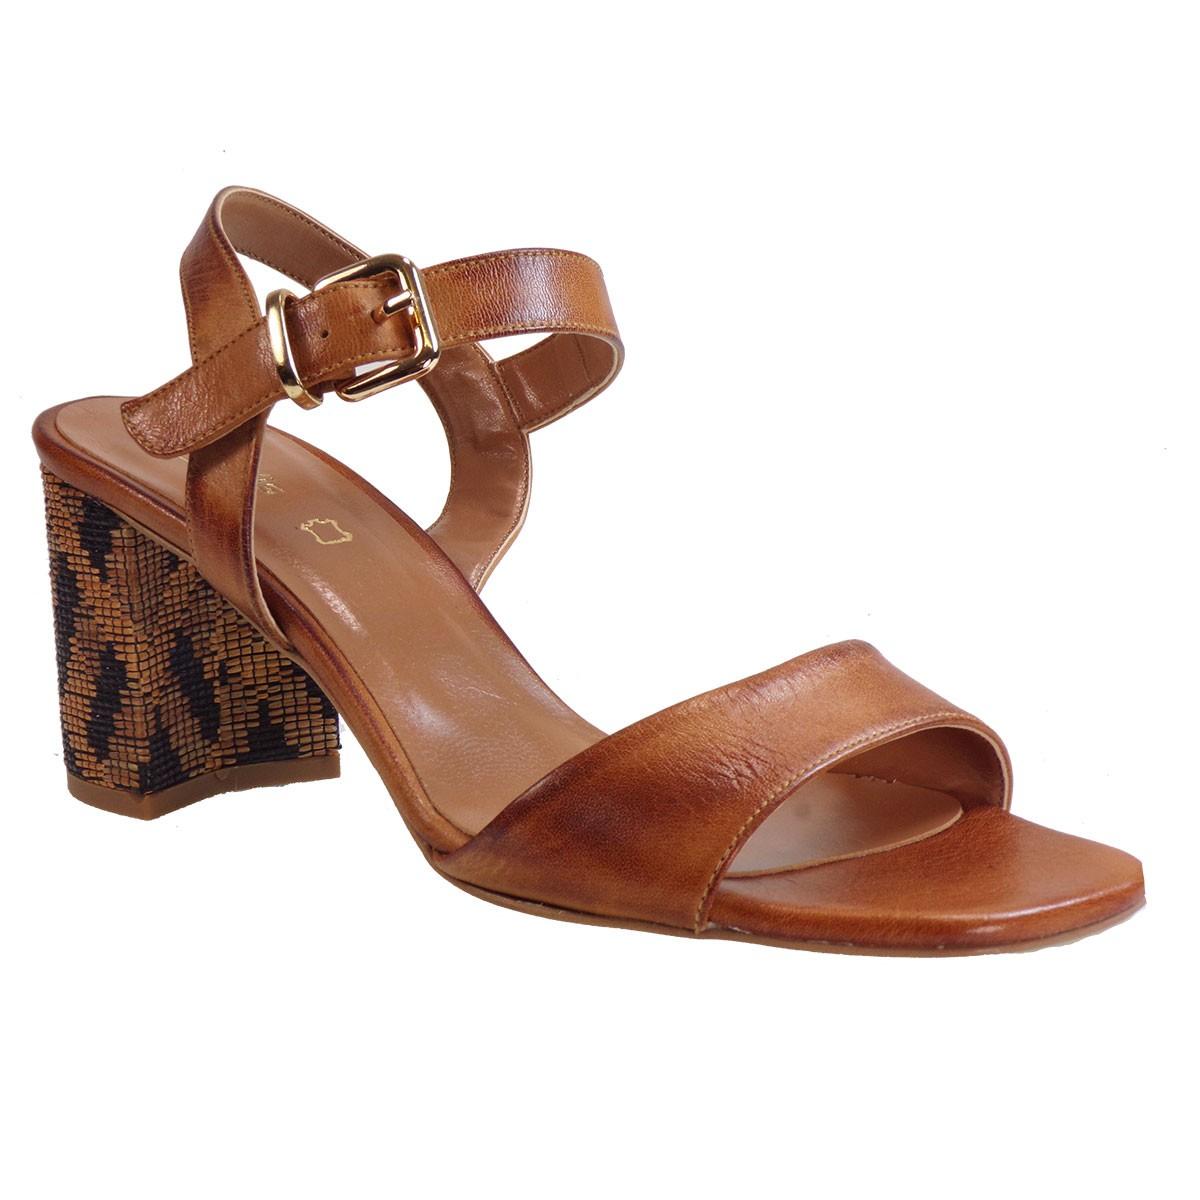 Fardoulis shoes Γυναικεία Παπούτσια Πέδιλα 51236 Ταμπά Δέρμα